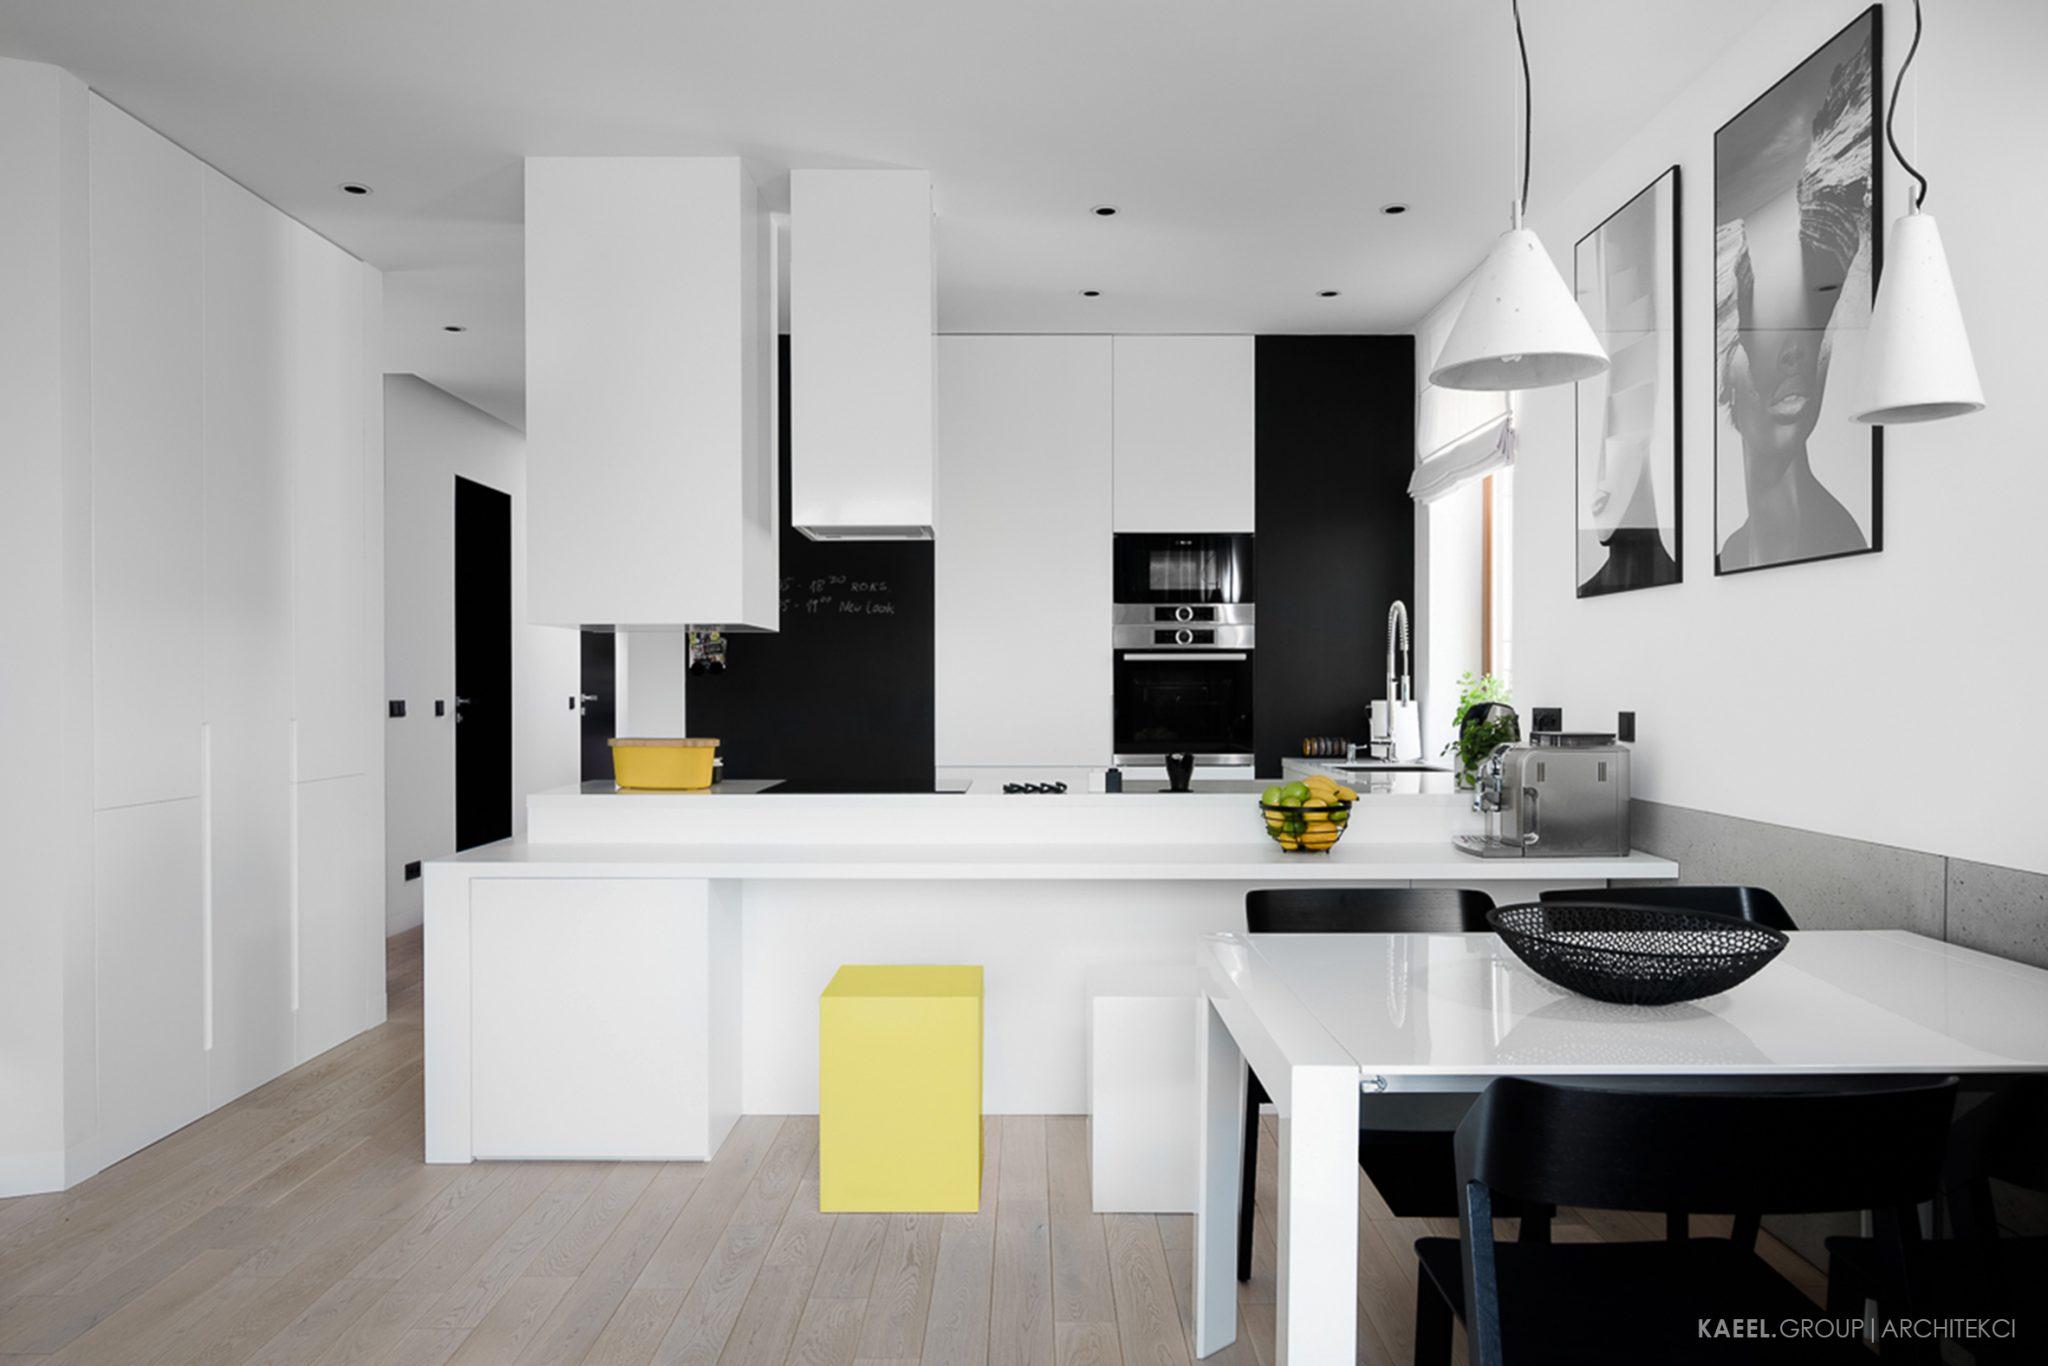 Kubistyczna kuchnia w mieszkaniu